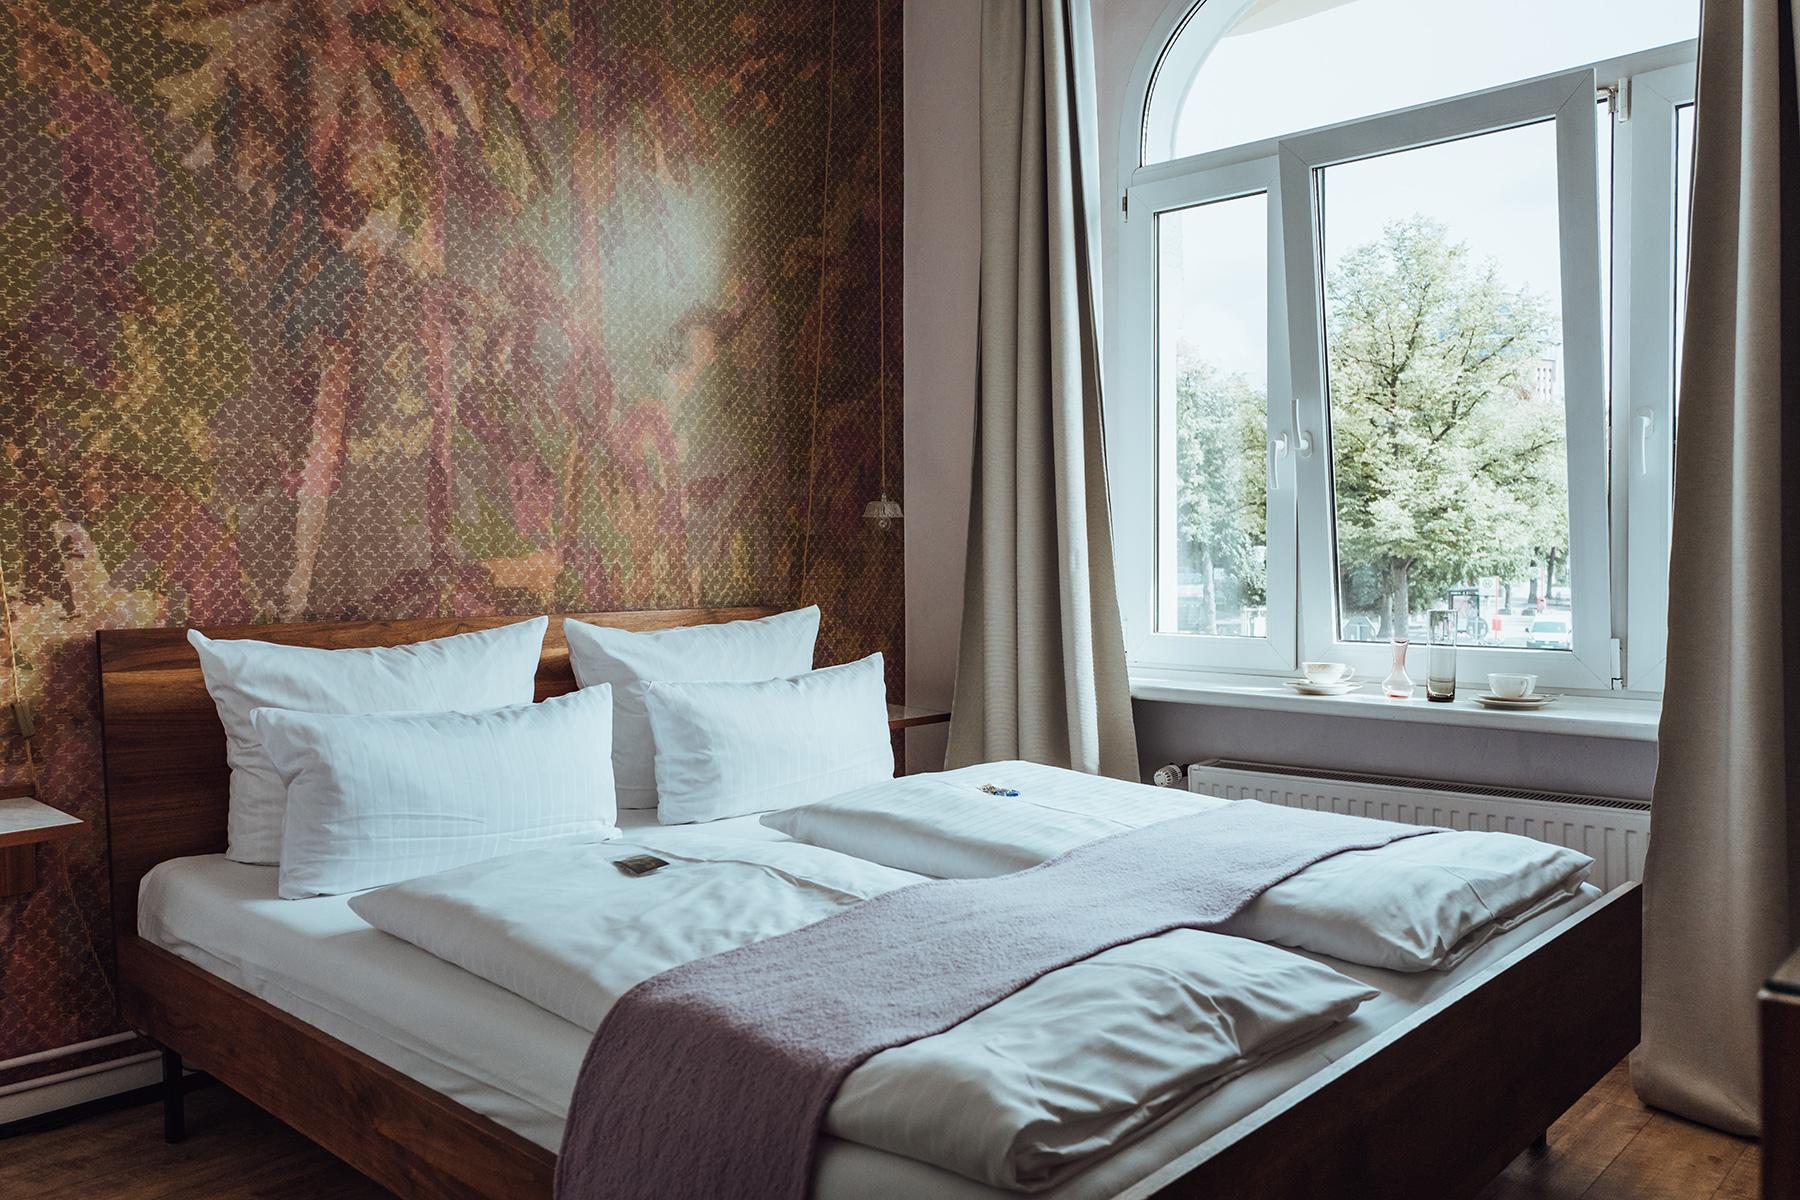 Geheimtipp Hamburg Stadt & Leute Schanze Pyjama Park Lisa Knauer 7